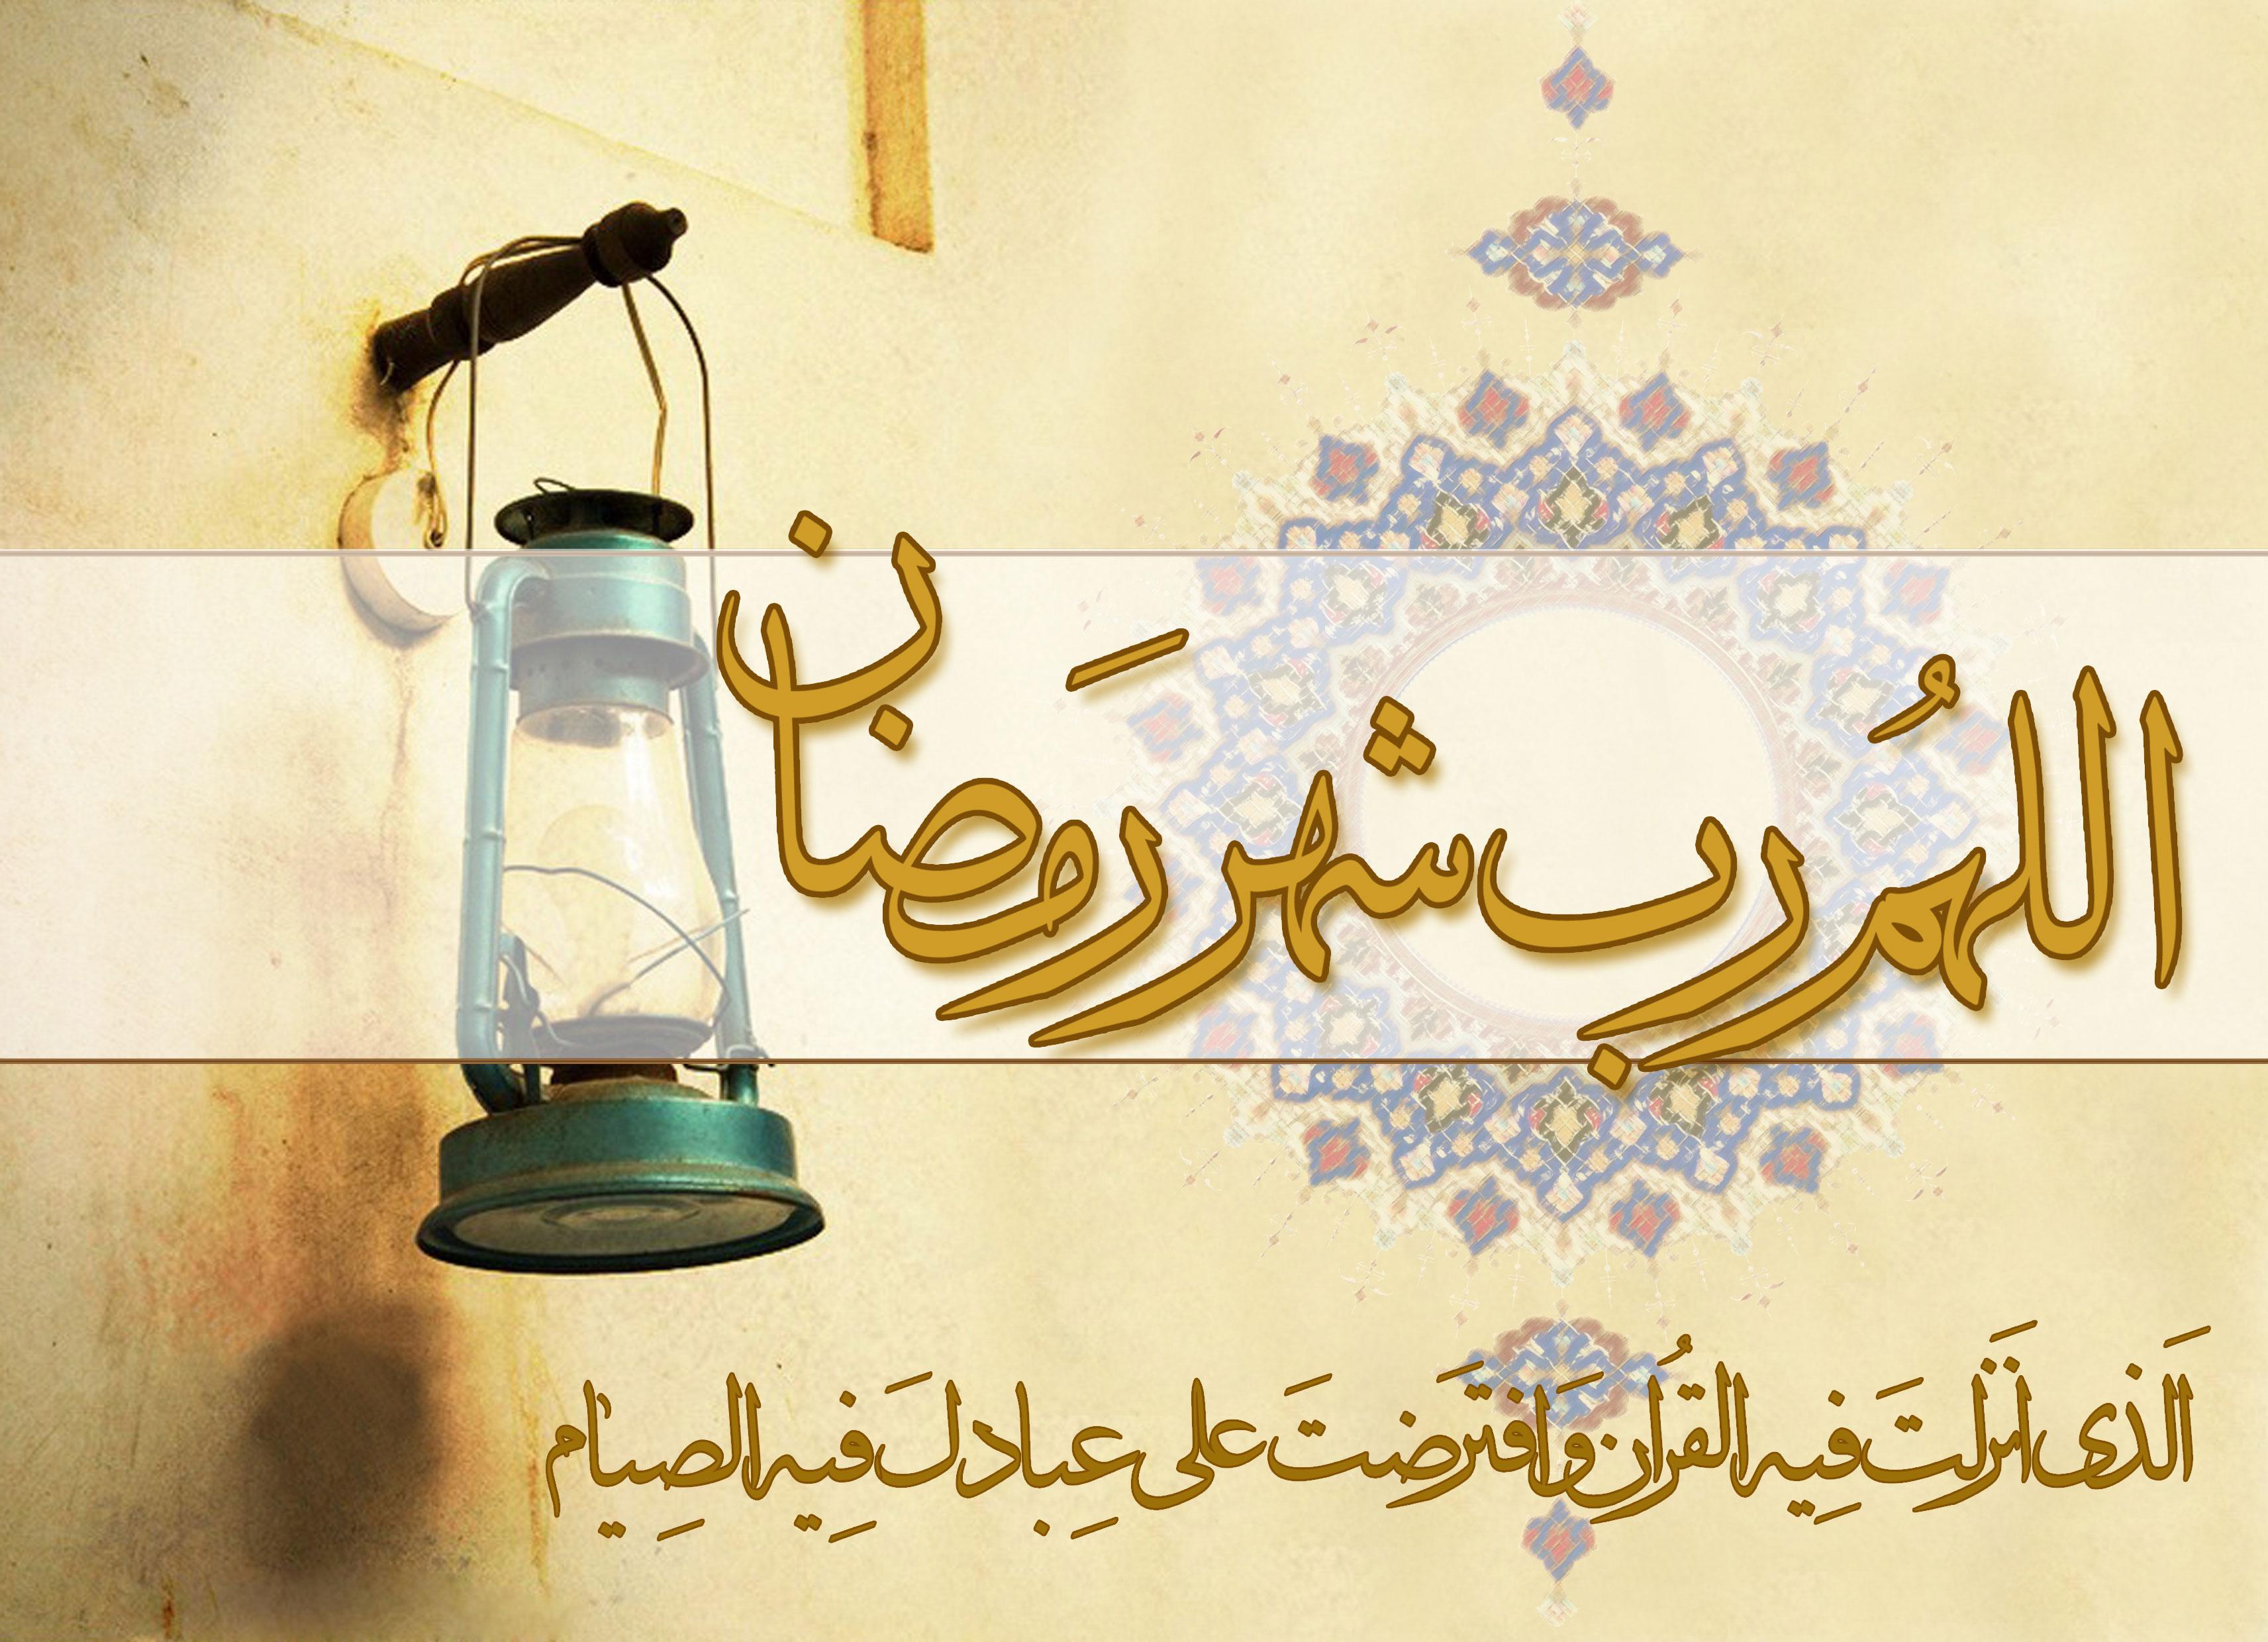 اوقات شرعی شهرهای استان یزد در ماه مبارک رمضان ۹۶